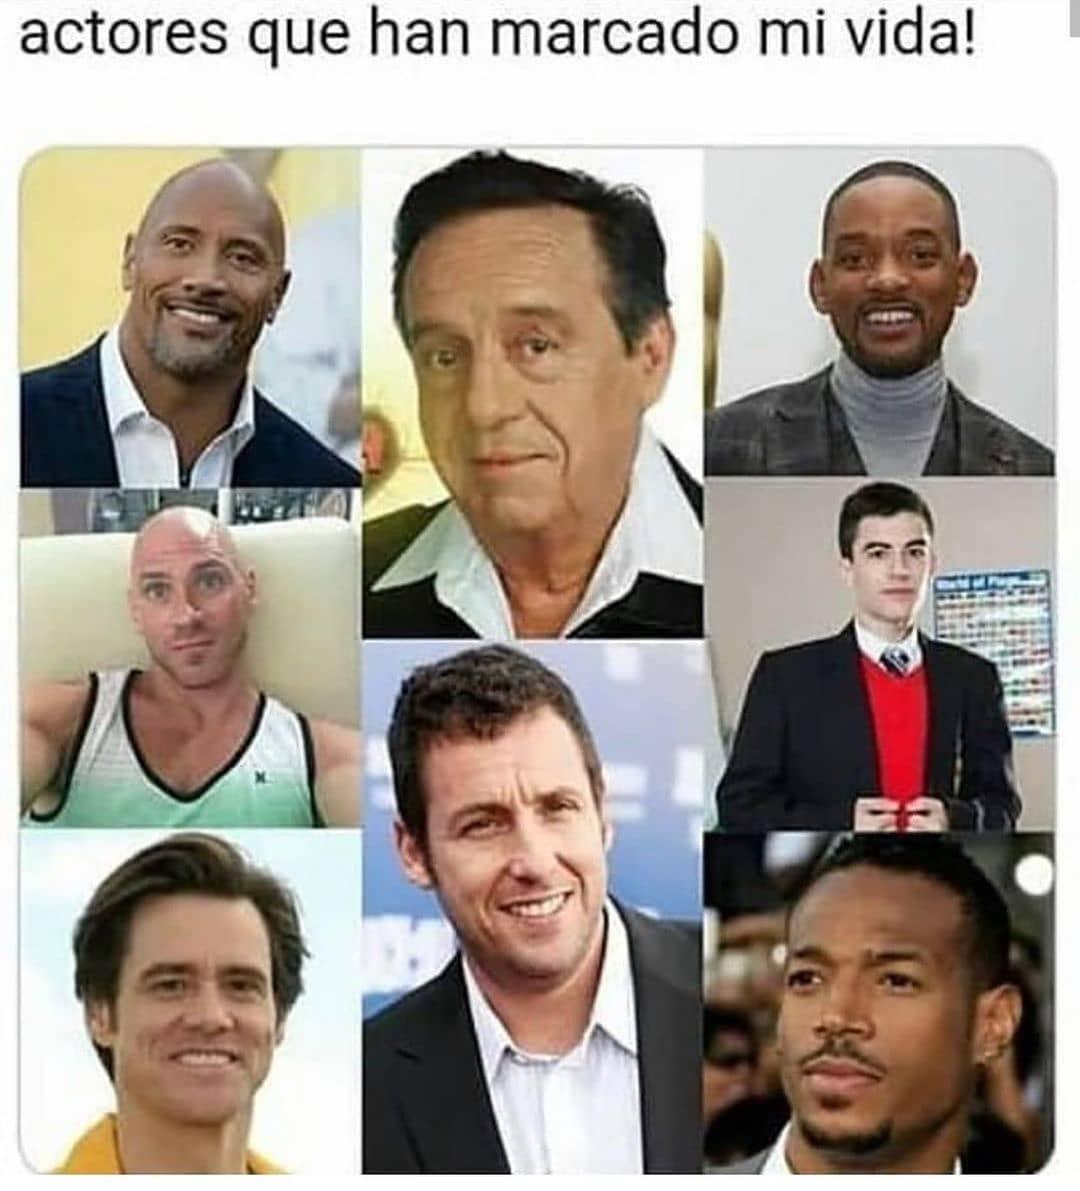 Actores que han marcado mi vida!